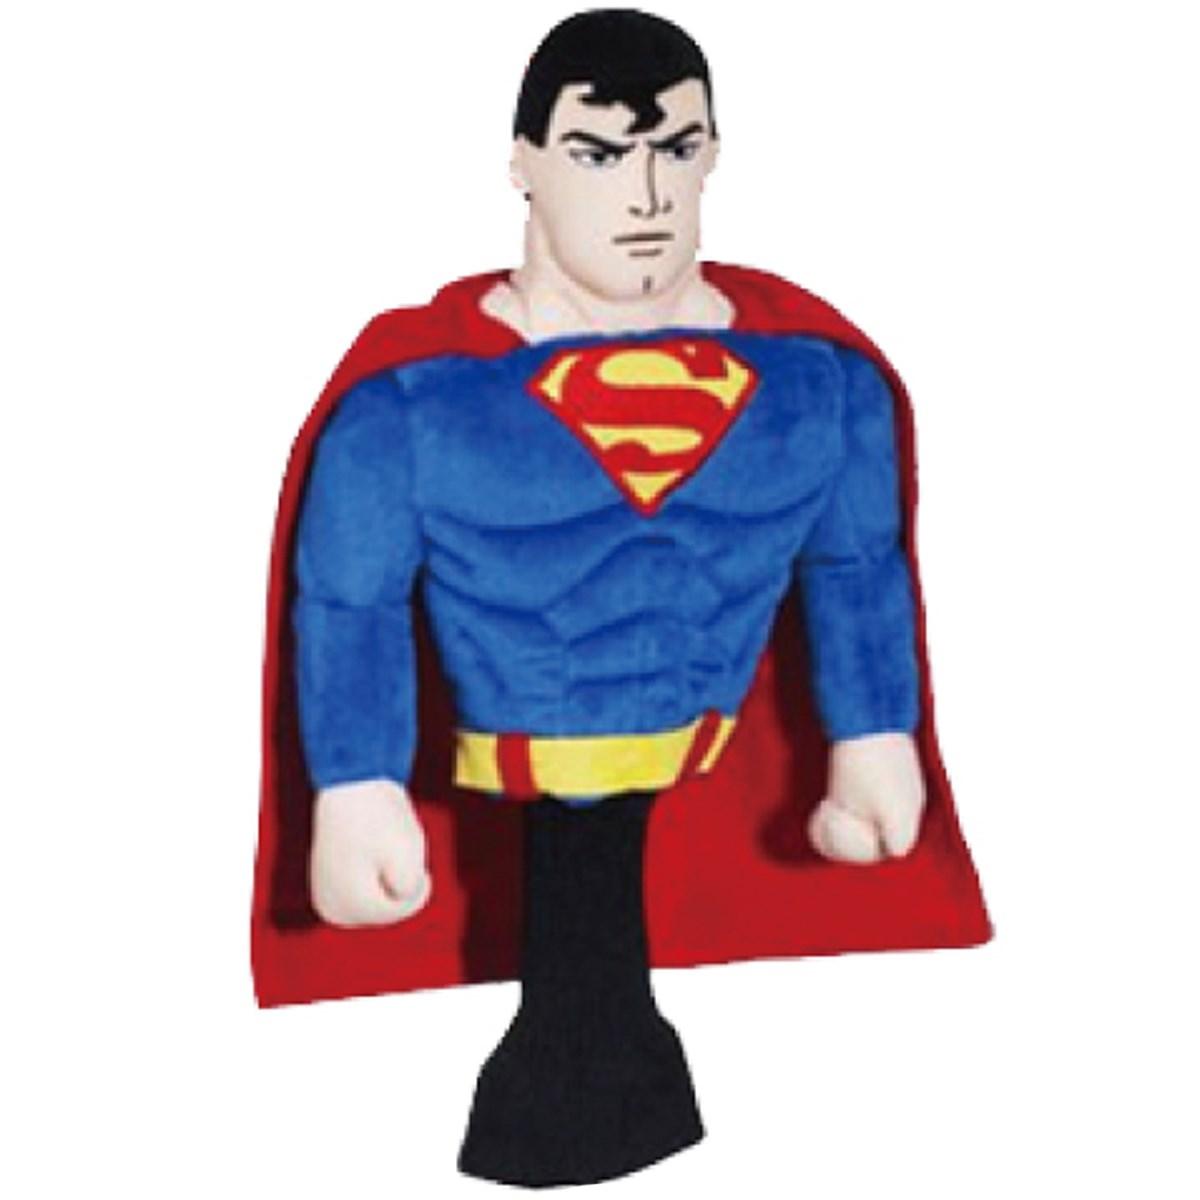 その他メーカー ホクシン交易 スーパーマン BLDヘッドカバー DR用